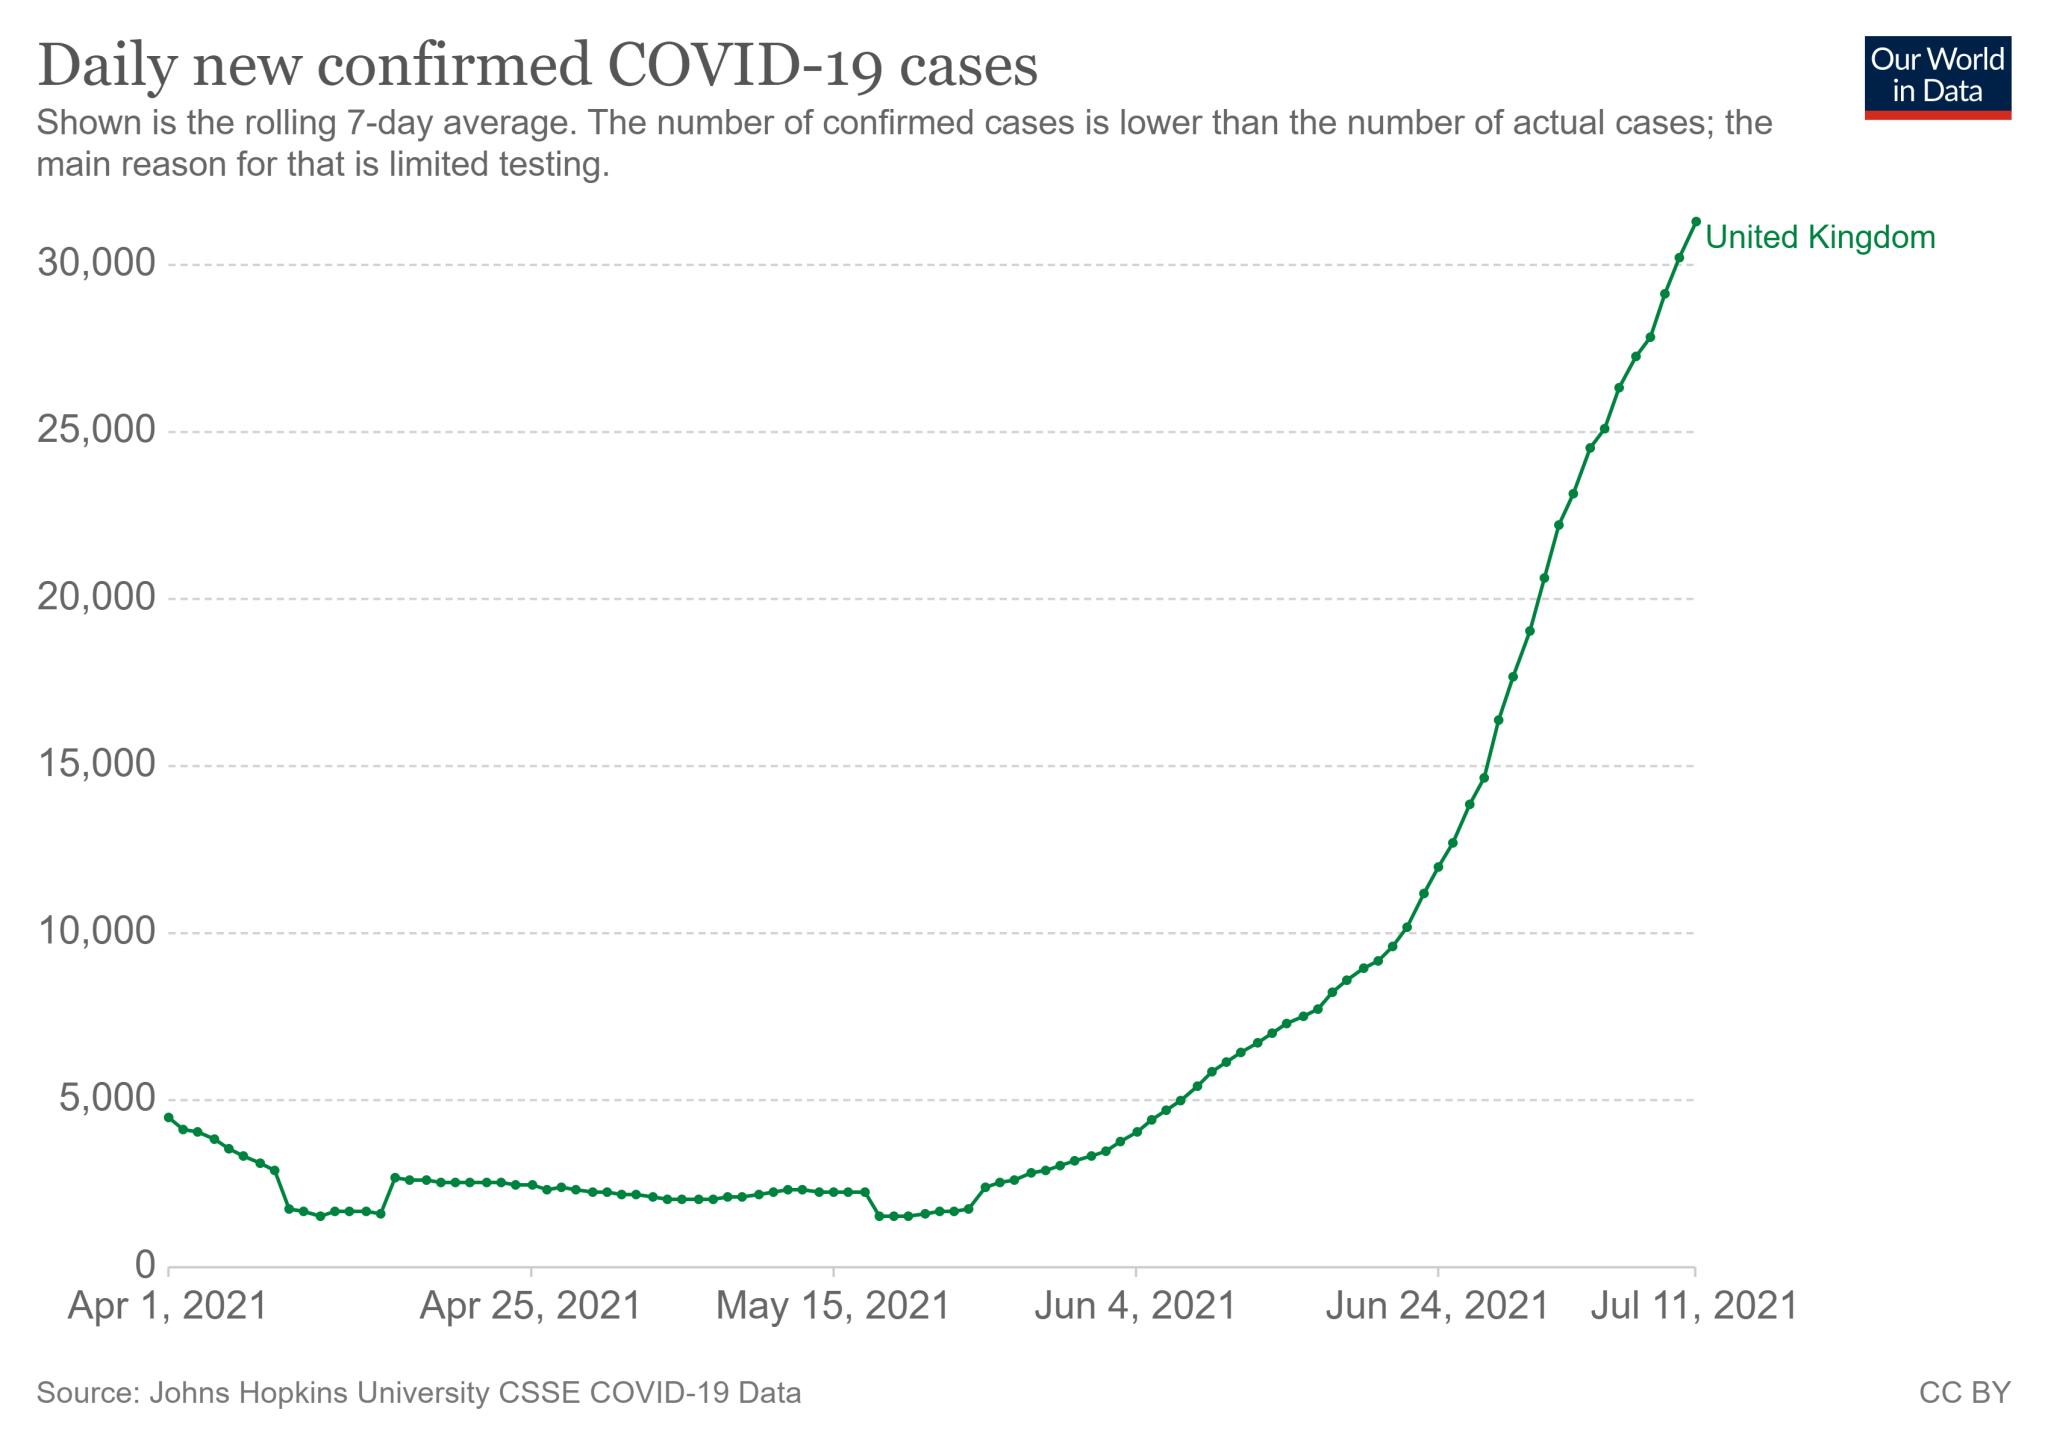 Średnia dzienna liczba nowych zakażeń COVID-19 w Wielkiej Brytanii (1 kwietnia - 11 lipca 2021)